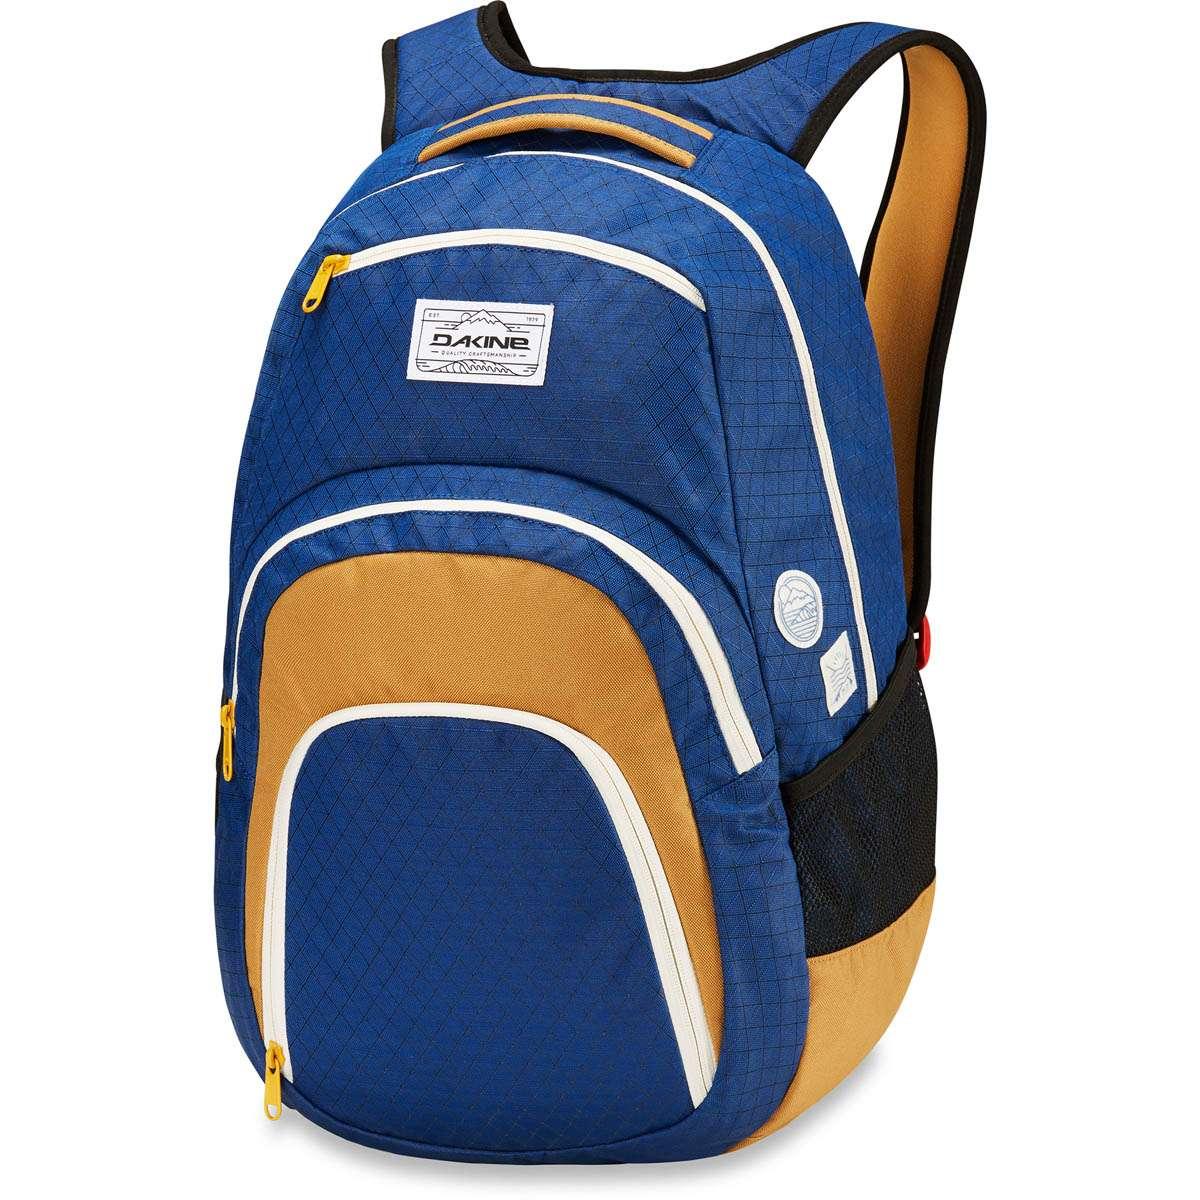 1906c744044 Dakine Campus 33L Backpack Scout | Dakine Shop